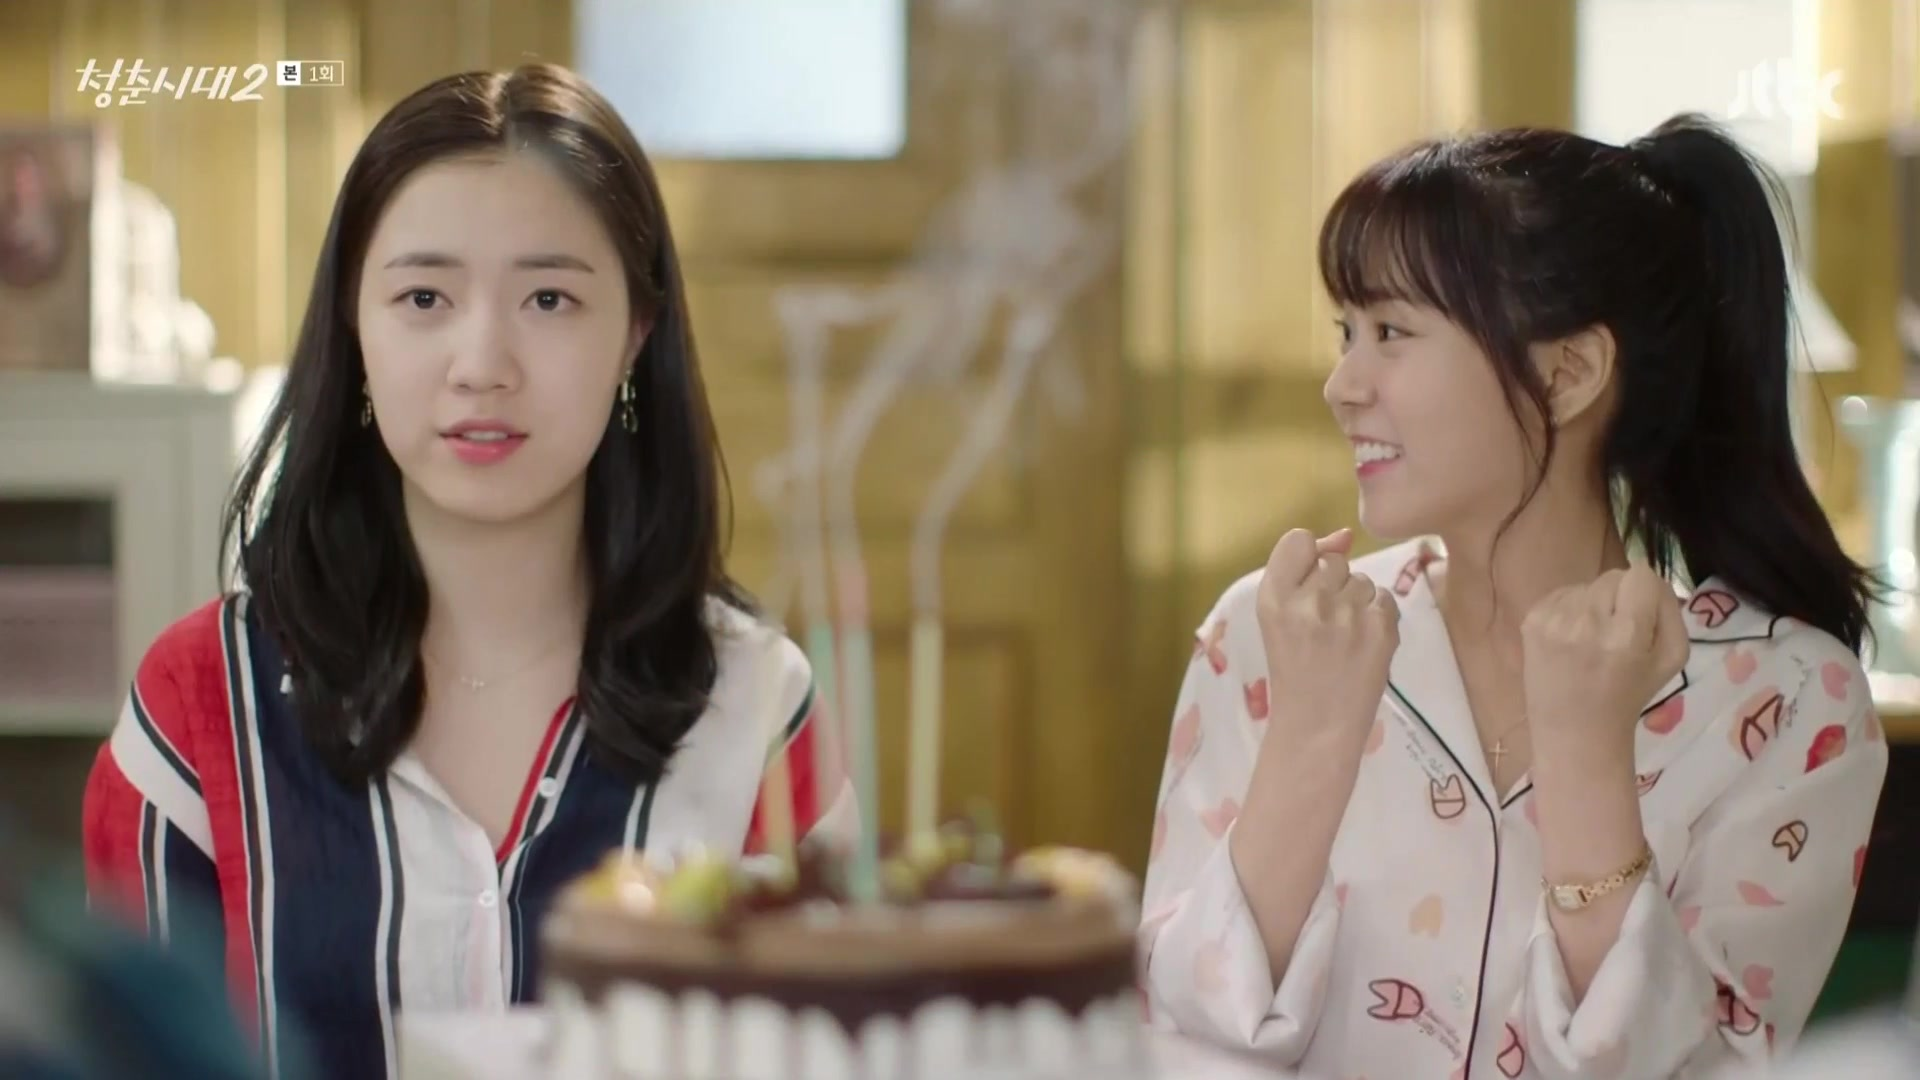 [TV성적표] <청춘시대 2> 시즌1의 잔잔한 인기 이어갈 수 있을까?